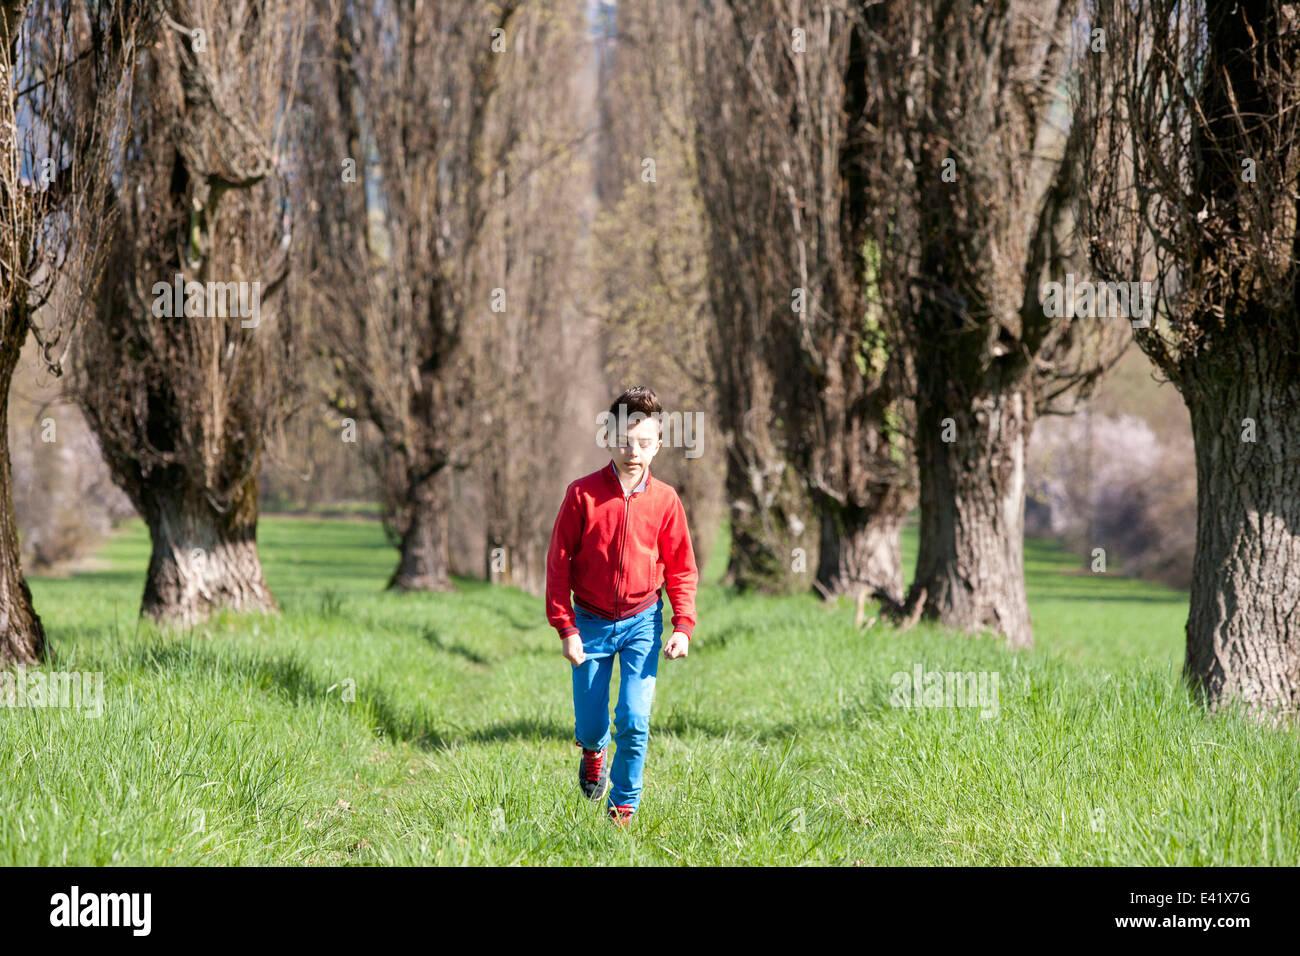 Muchacho de doce años recorriendo el campo arbolada. Foto de stock